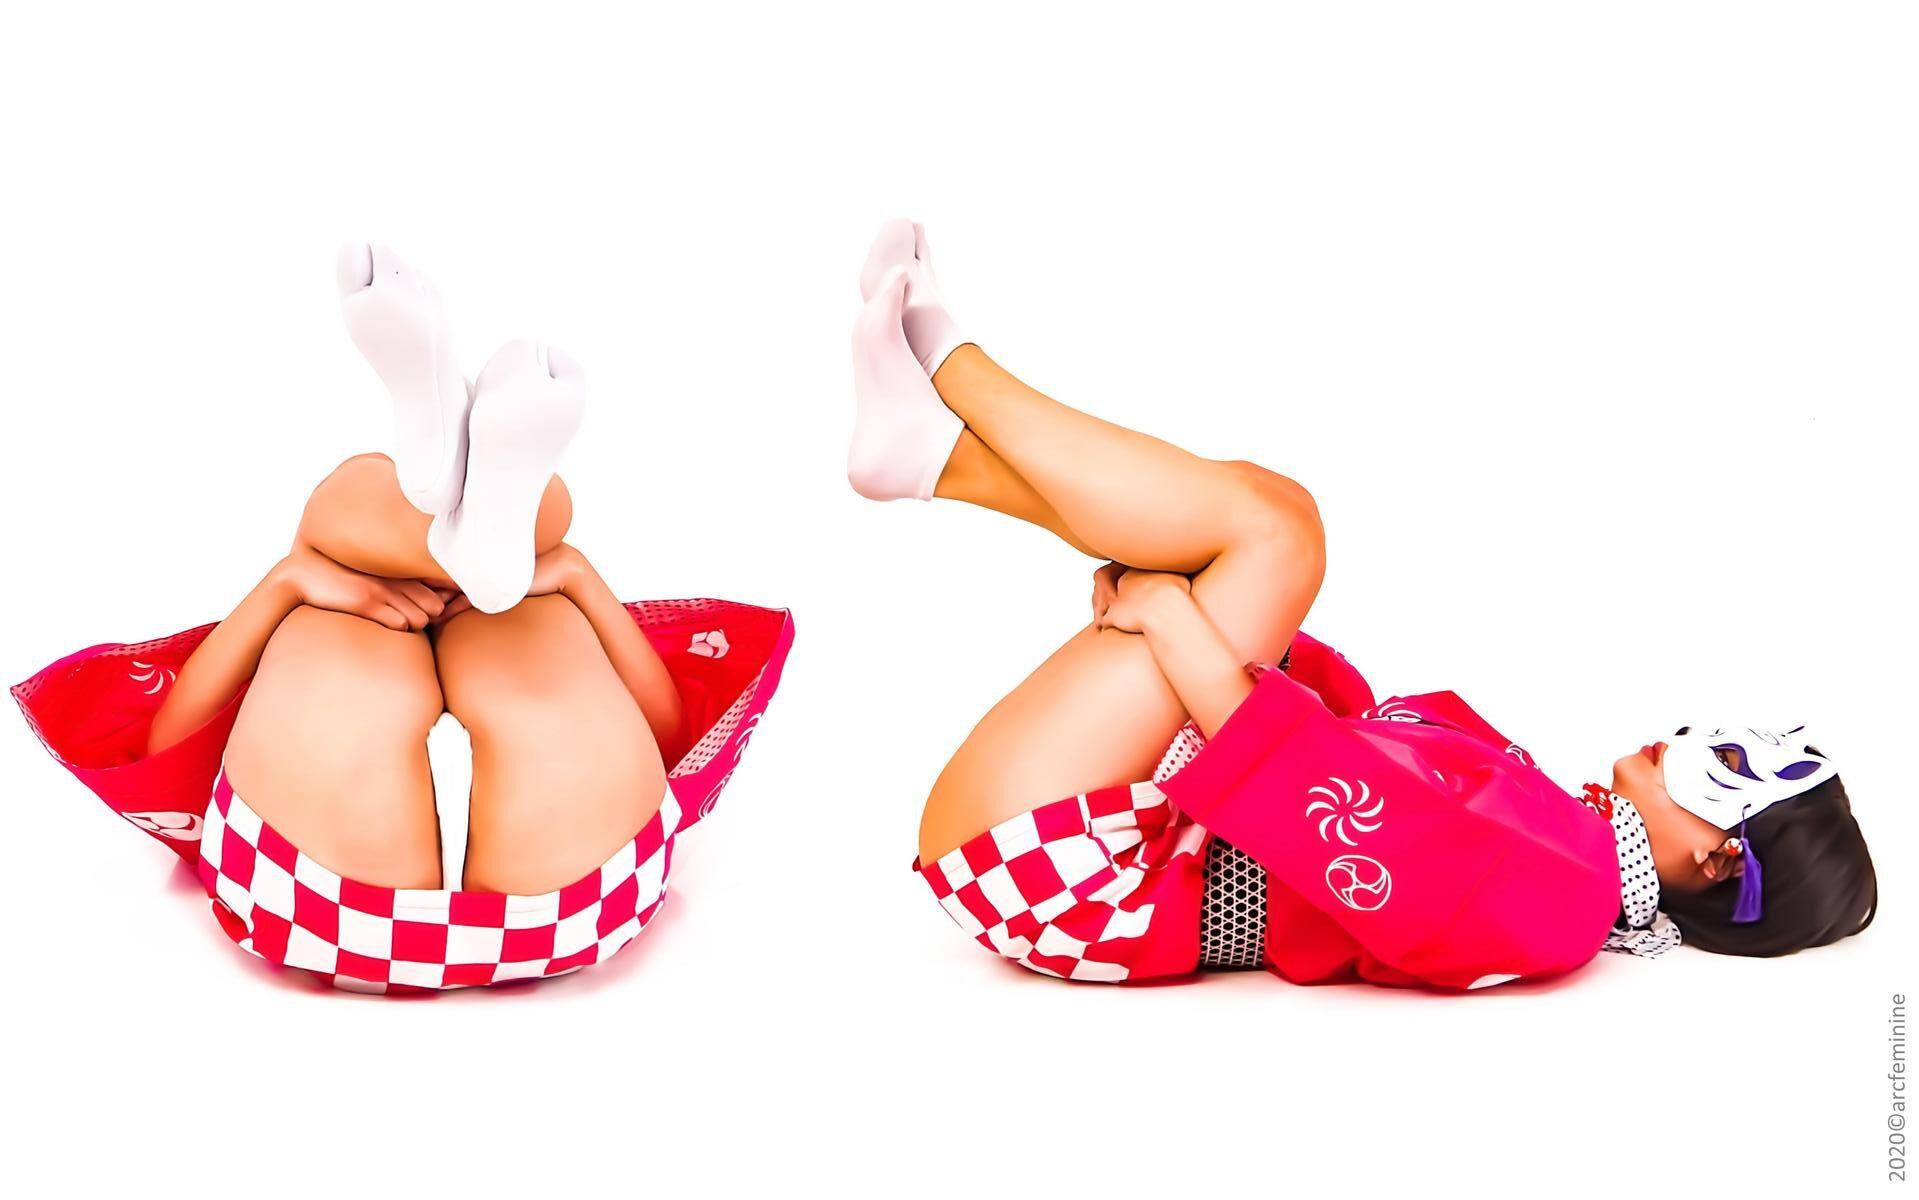 多角度ポーズ資料集「伝統的足袋ふんどし」 MULTIANGLE GIRL 279photos